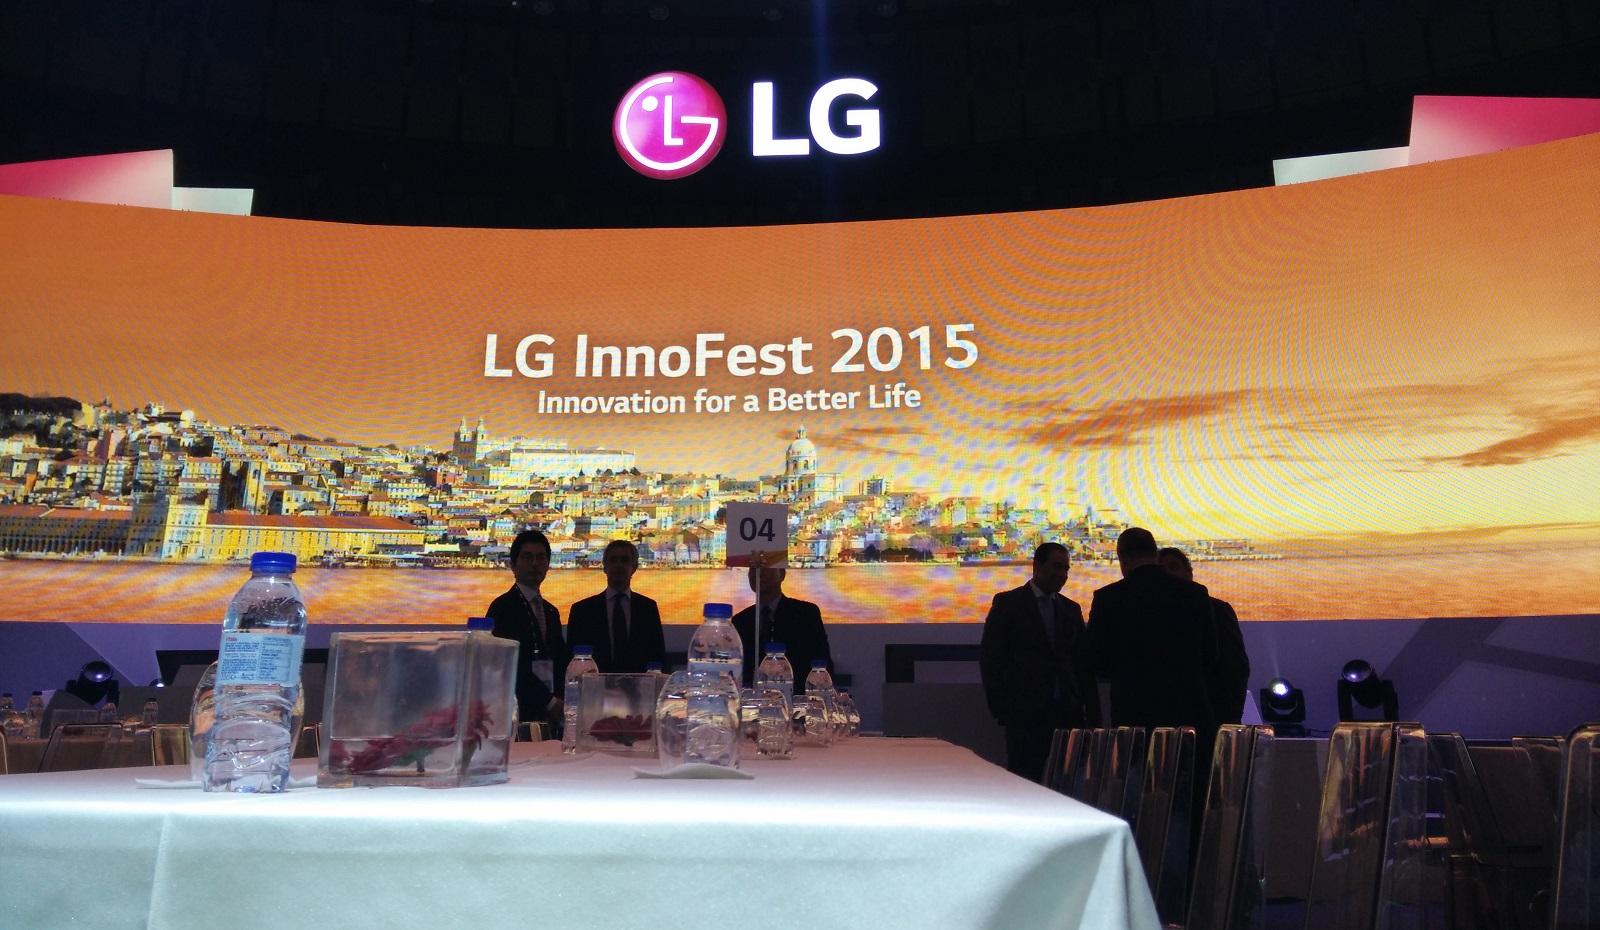 الجی از برگزاری InnoFest 2016 در امارات متحده عربی خبر داد